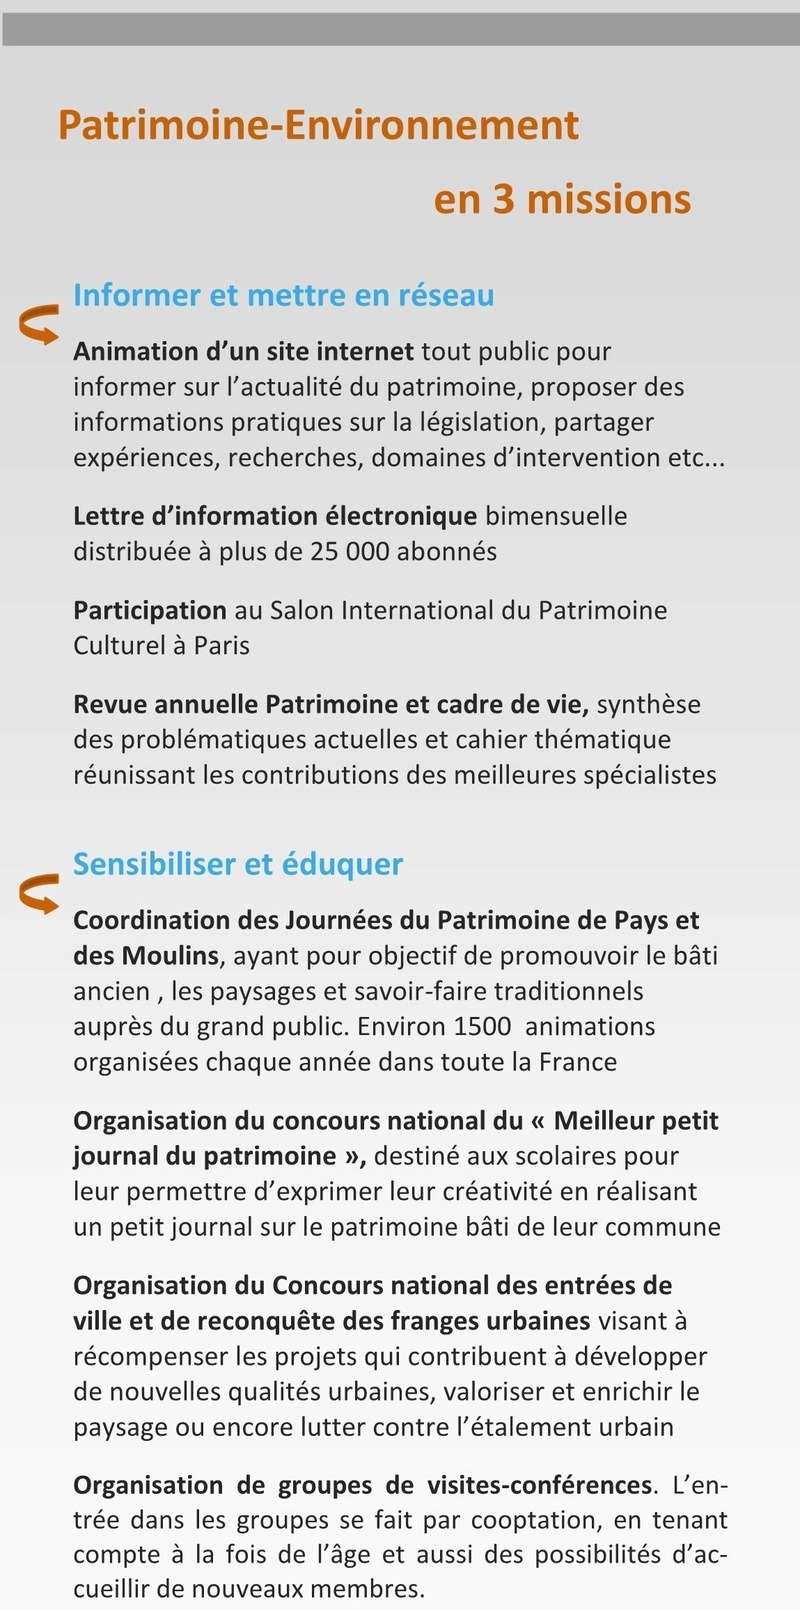 Patrimoine et Environment Plaque15